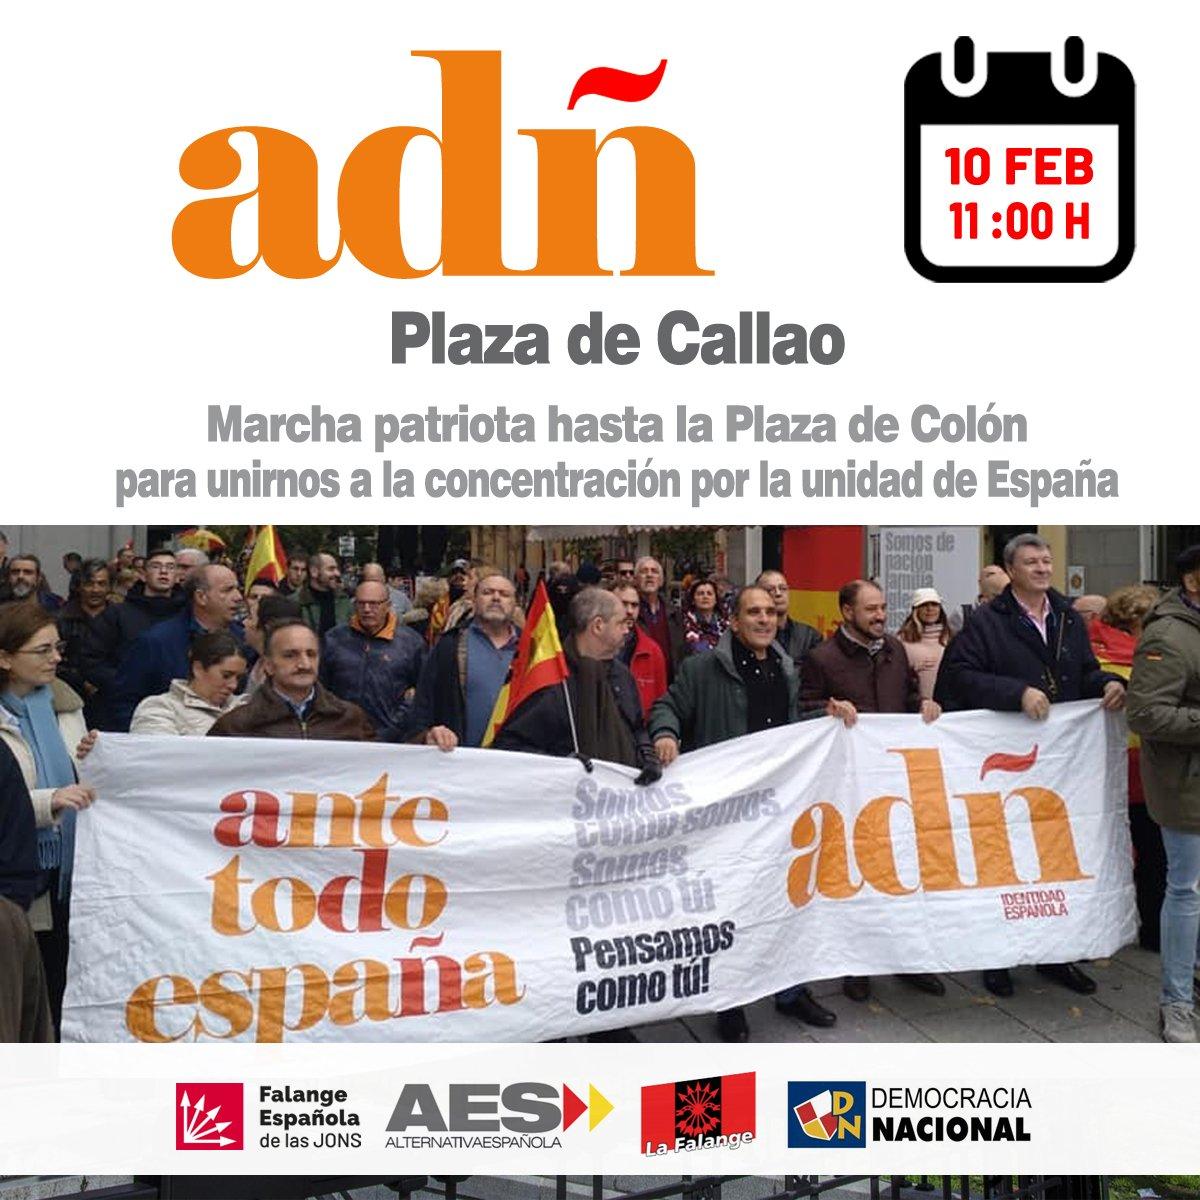 10-F: Defiende España junto a la coalición ADÑ